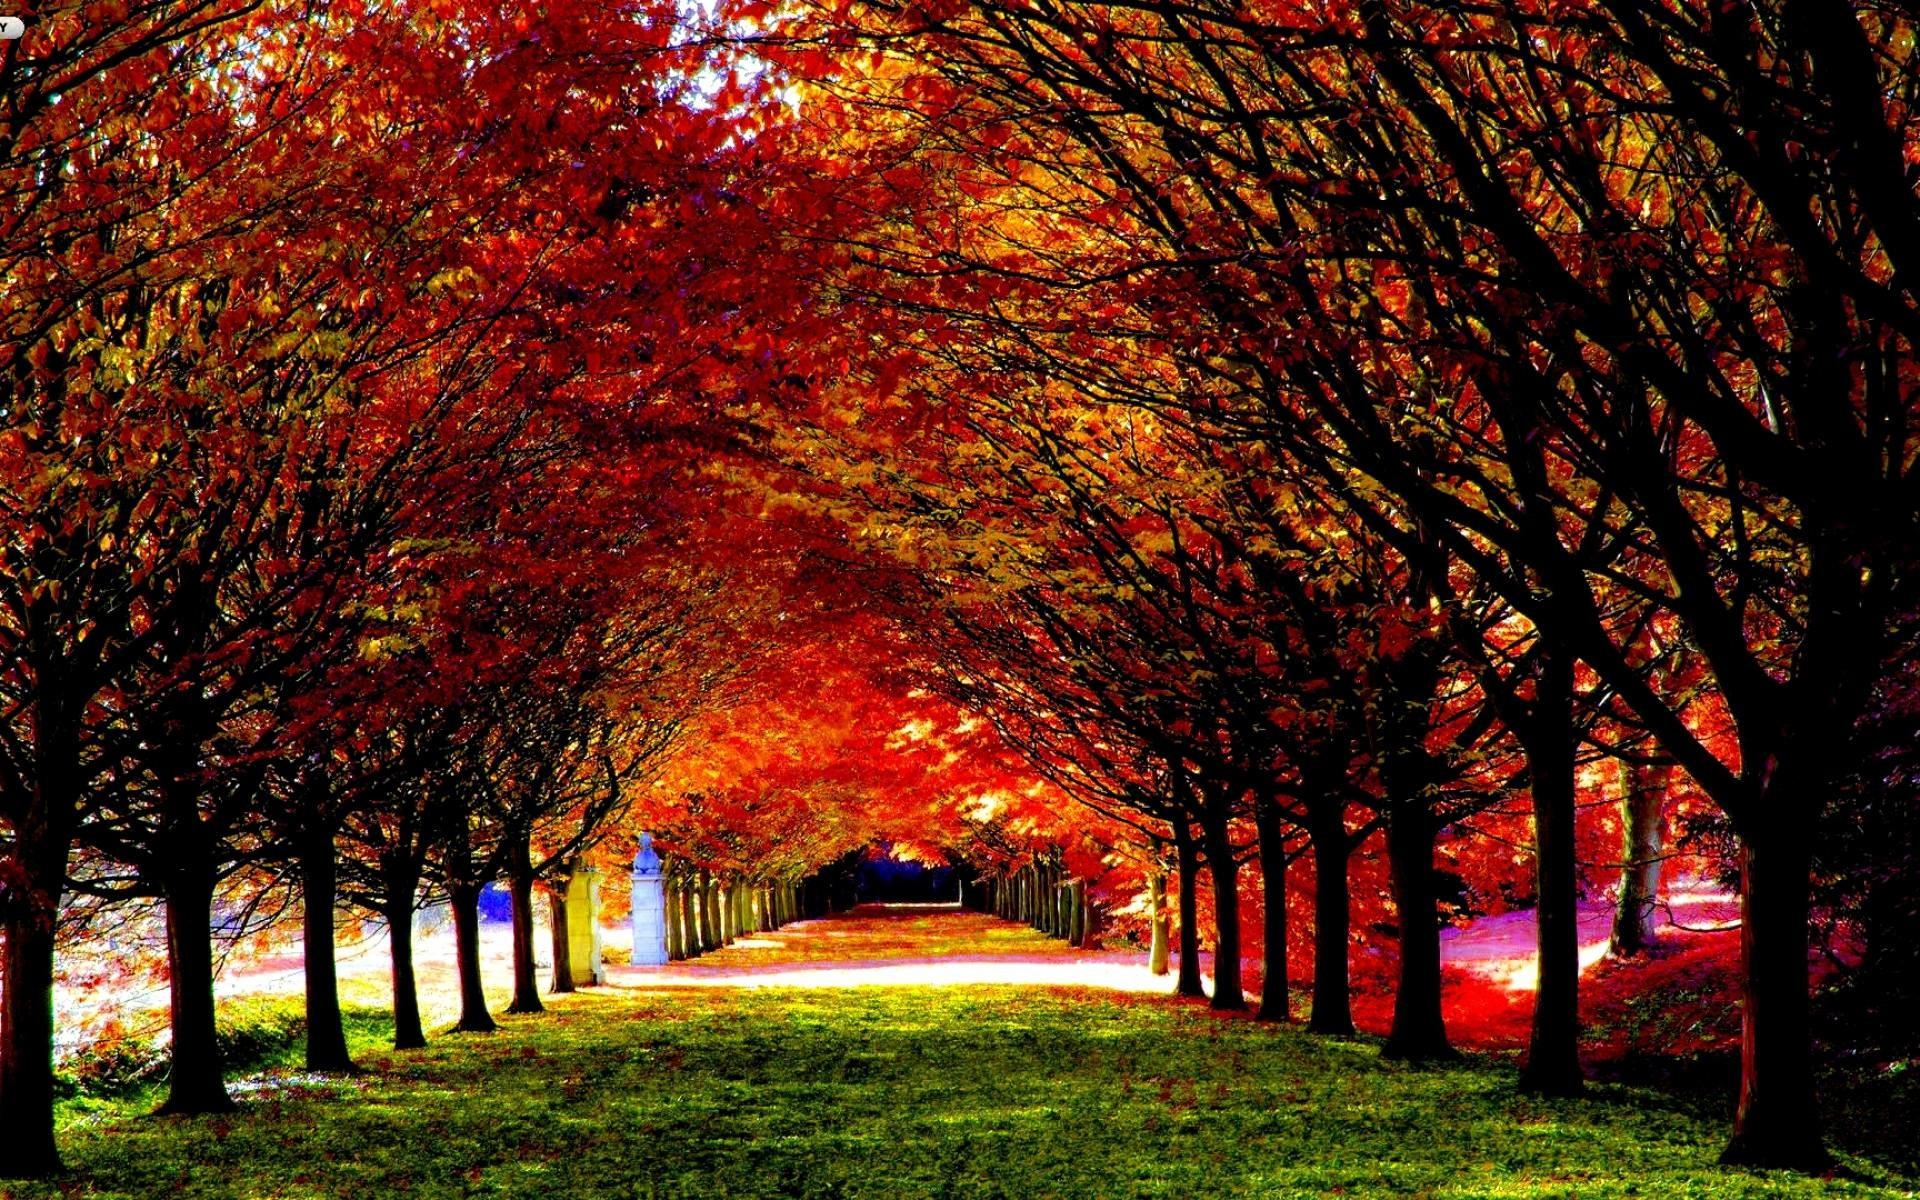 free fall desktop background https://www.hdwallpaperspop.com/free-